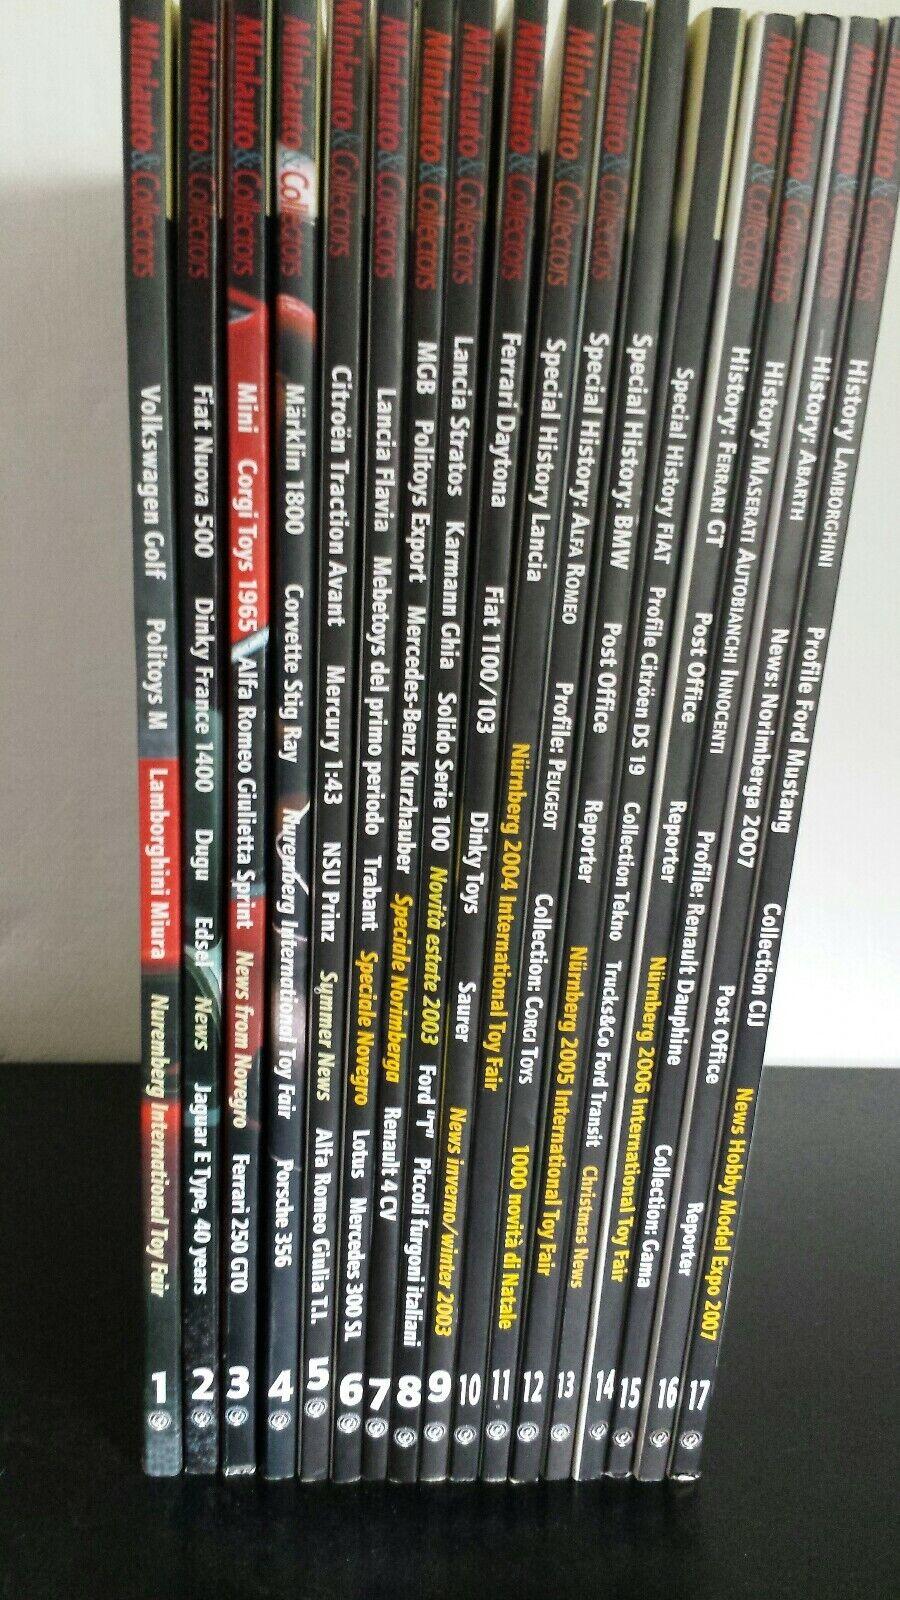 economico e di alta qualità Miniauto & collectors collectors collectors sequenza completa 1 17  a buon mercato